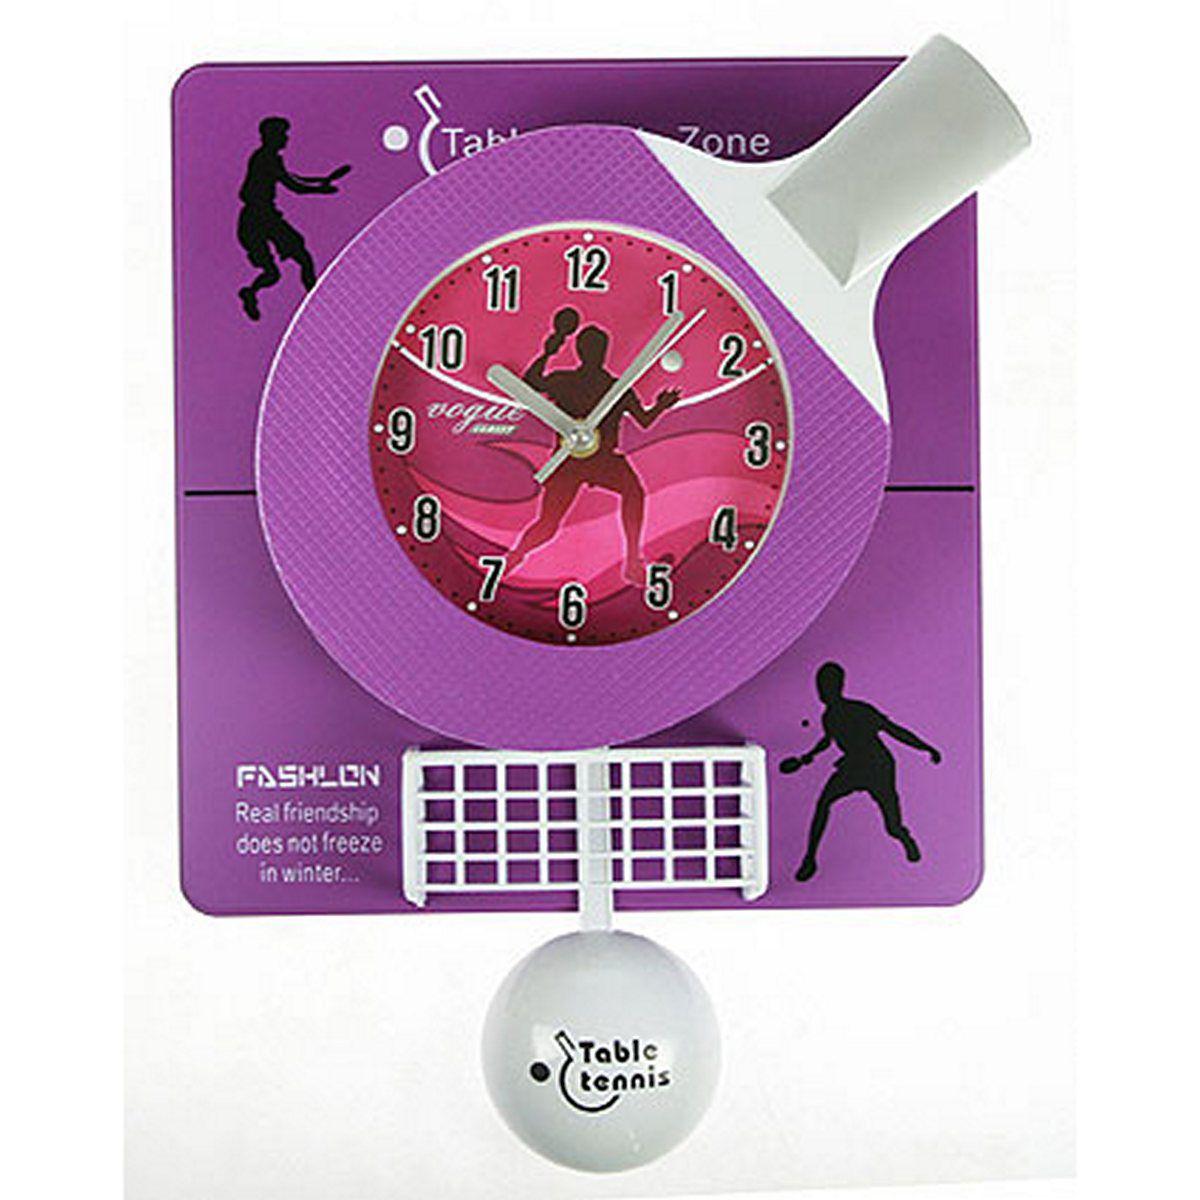 Часы настенные Русские Подарки Теннис, 31 х 6 х 42 см. 222425222425Настенные кварцевые часы Русские Подарки Теннис изготовлены из пластика. Корпус оригинально оформлен элементами игры в теннис. Часы имеют три стрелки - часовую, минутную и секундную. С обратной стороны имеется петелька для подвешивания на стену. Такие часы красиво и необычно оформят интерьер дома или офиса. Также часы могут стать уникальным, полезным подарком для родственников, коллег, знакомых и близких. Часы работают от батареек типа АА (в комплект не входят).